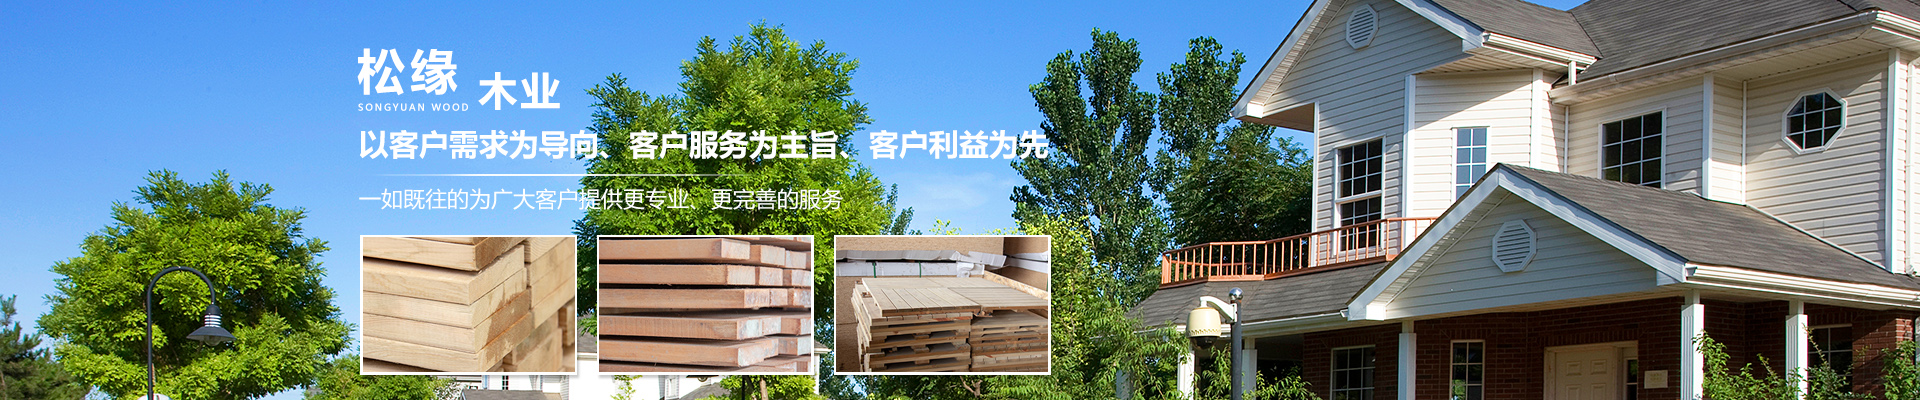 廣西防腐木